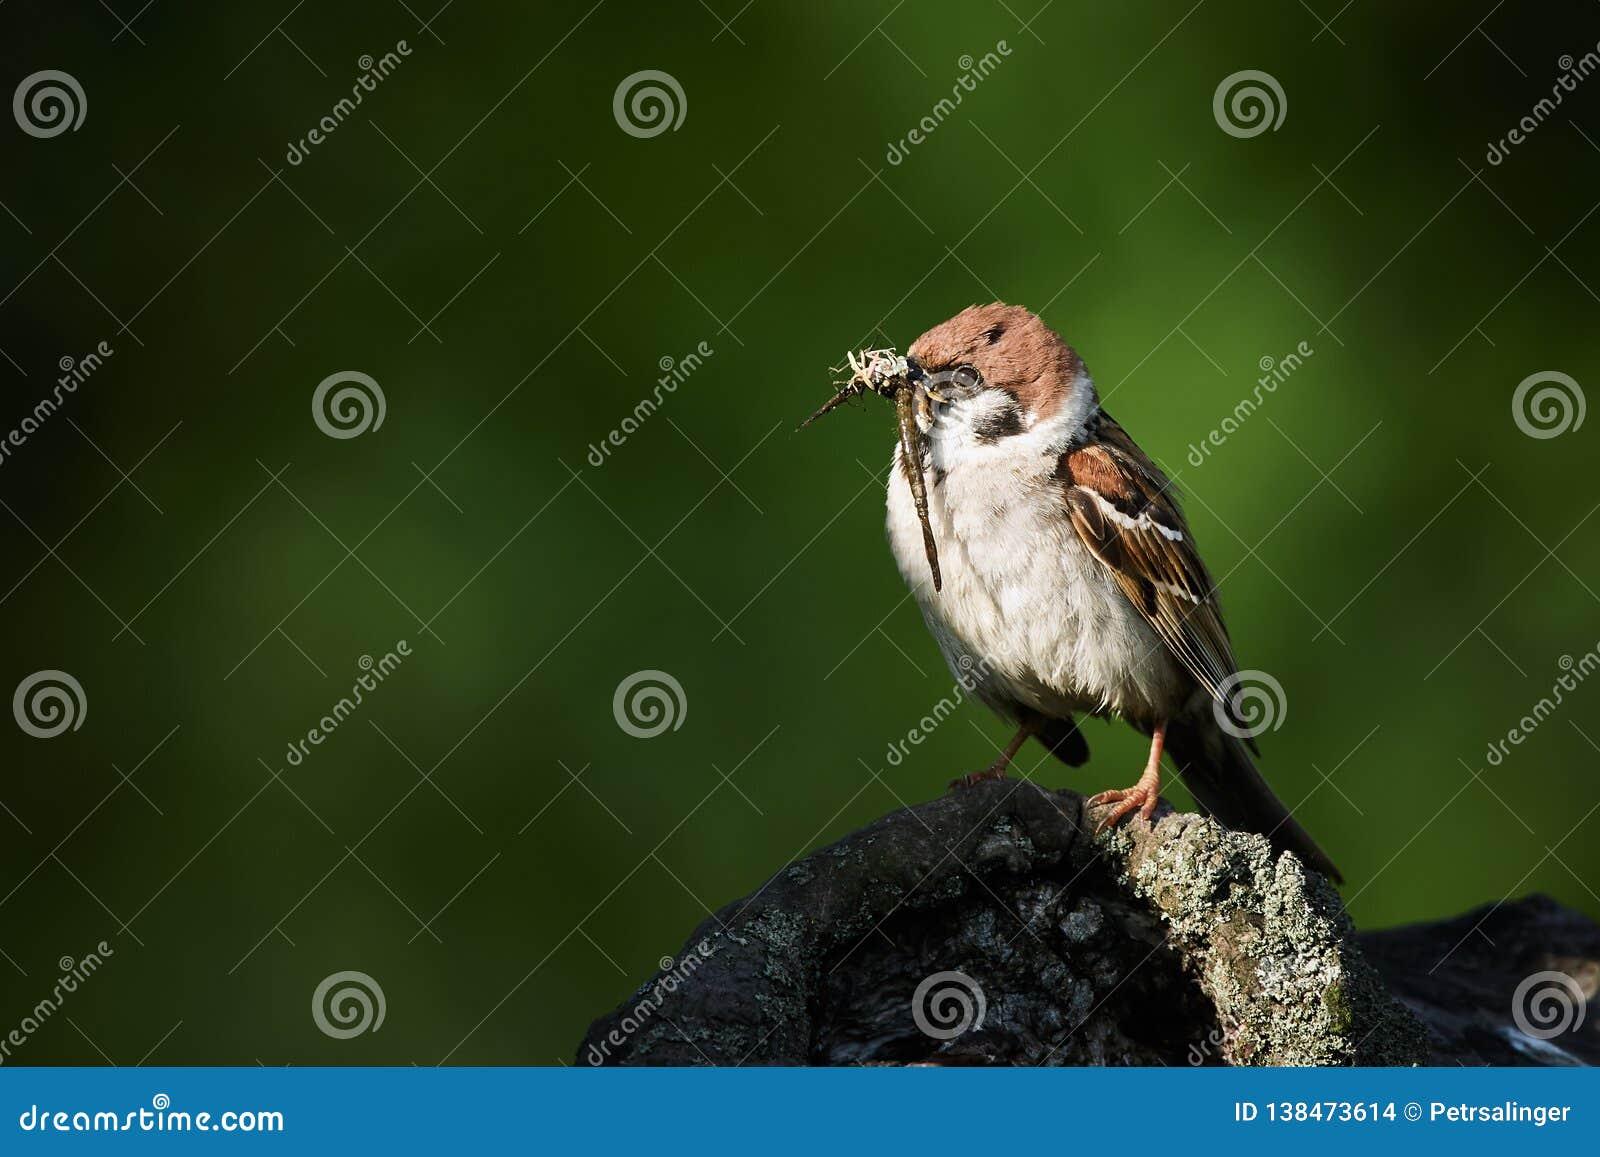 De boommus, Passer montanus, enige vogel voedt de jongelui door insecten